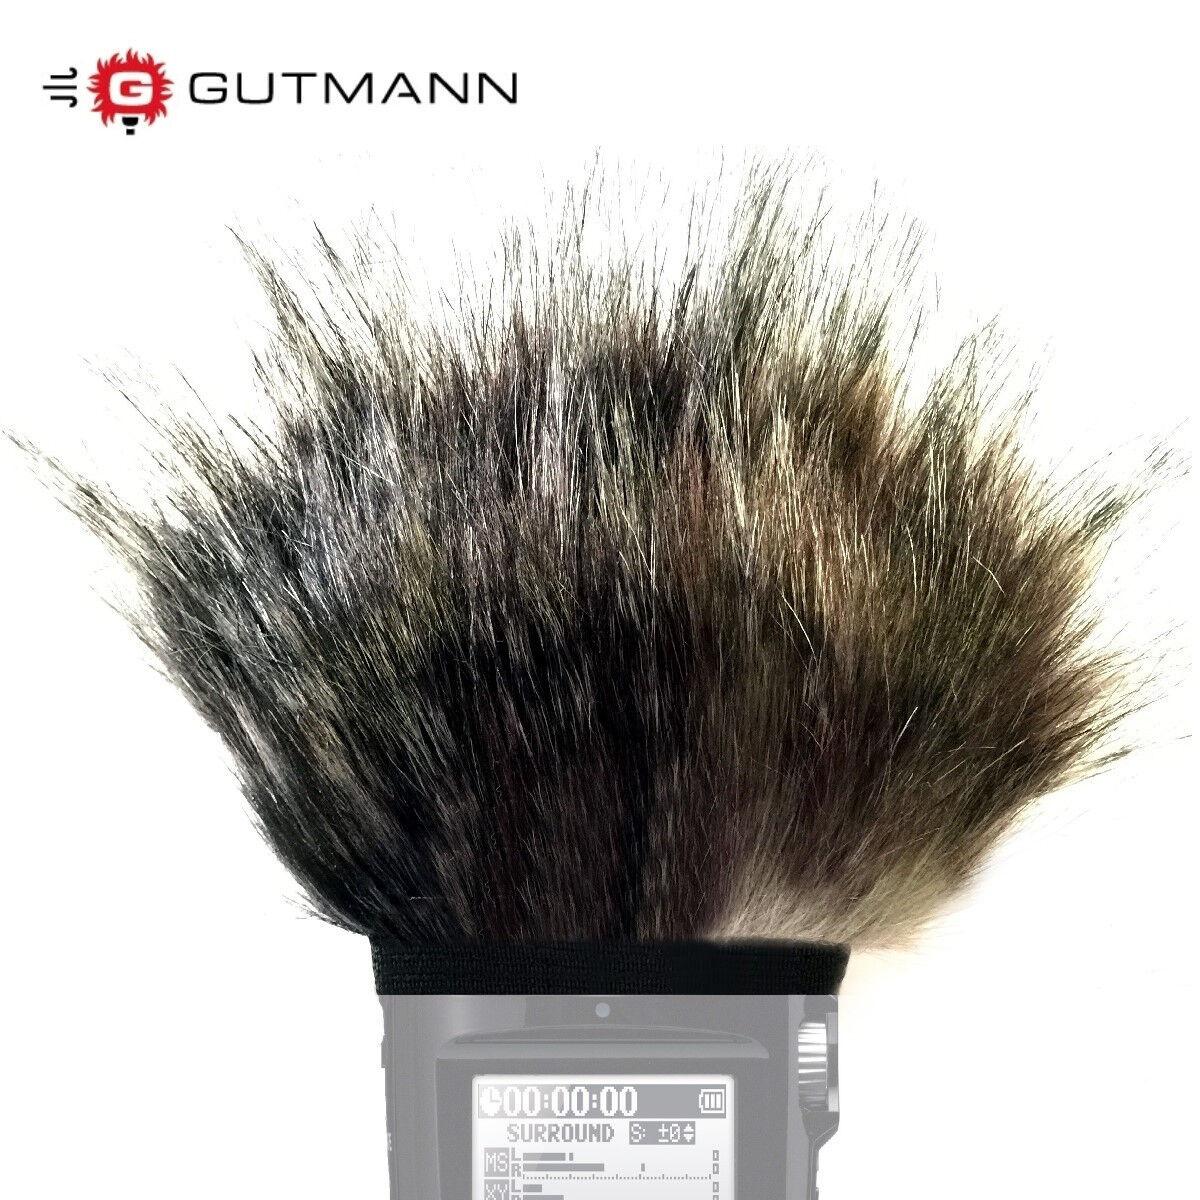 Gutmann Mikrofon Windschutz Für Universal Camcorder Handycam Cameras & Photo